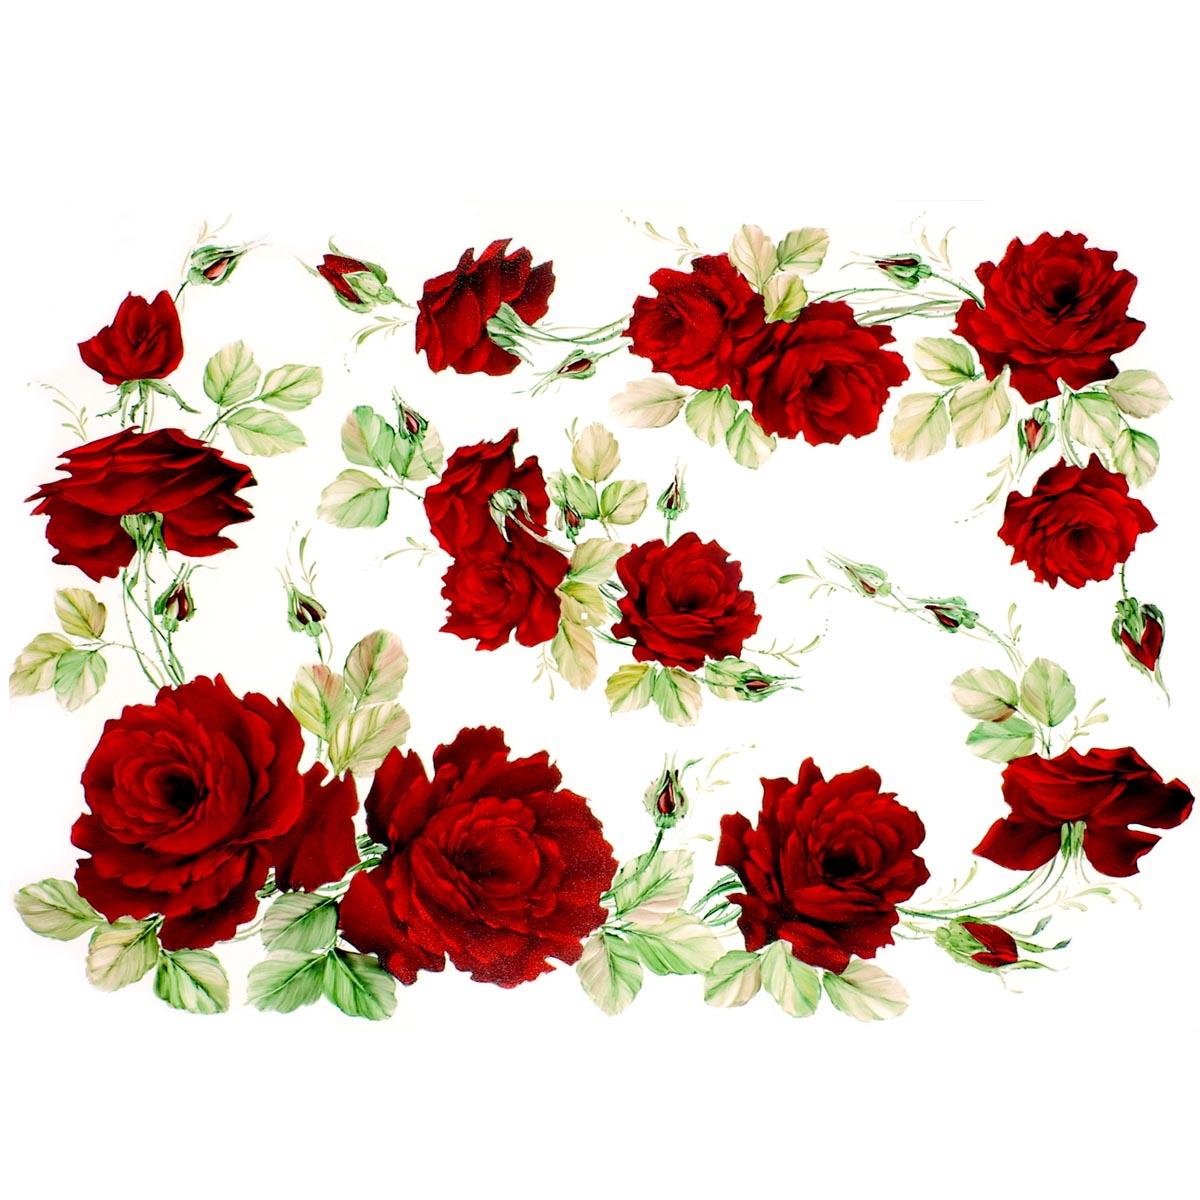 Рисовая бумага для декупажа Renkalik Красные розы, 35 х 50 см7716556Бумага для декупажа Renkalik предназначена для декорирования предметов. Имеет в составе прожилки риса, которые очень красиво смотрятся на декорируемом изделии, придают ему неповторимую фактуру и создают эффект нанесенного кистью рисунка. Подходит для декора в технике декупаж на стекле, дереве, пластике, металле и любых других поверхностях. Плотность бумаги: 25 г/м2.